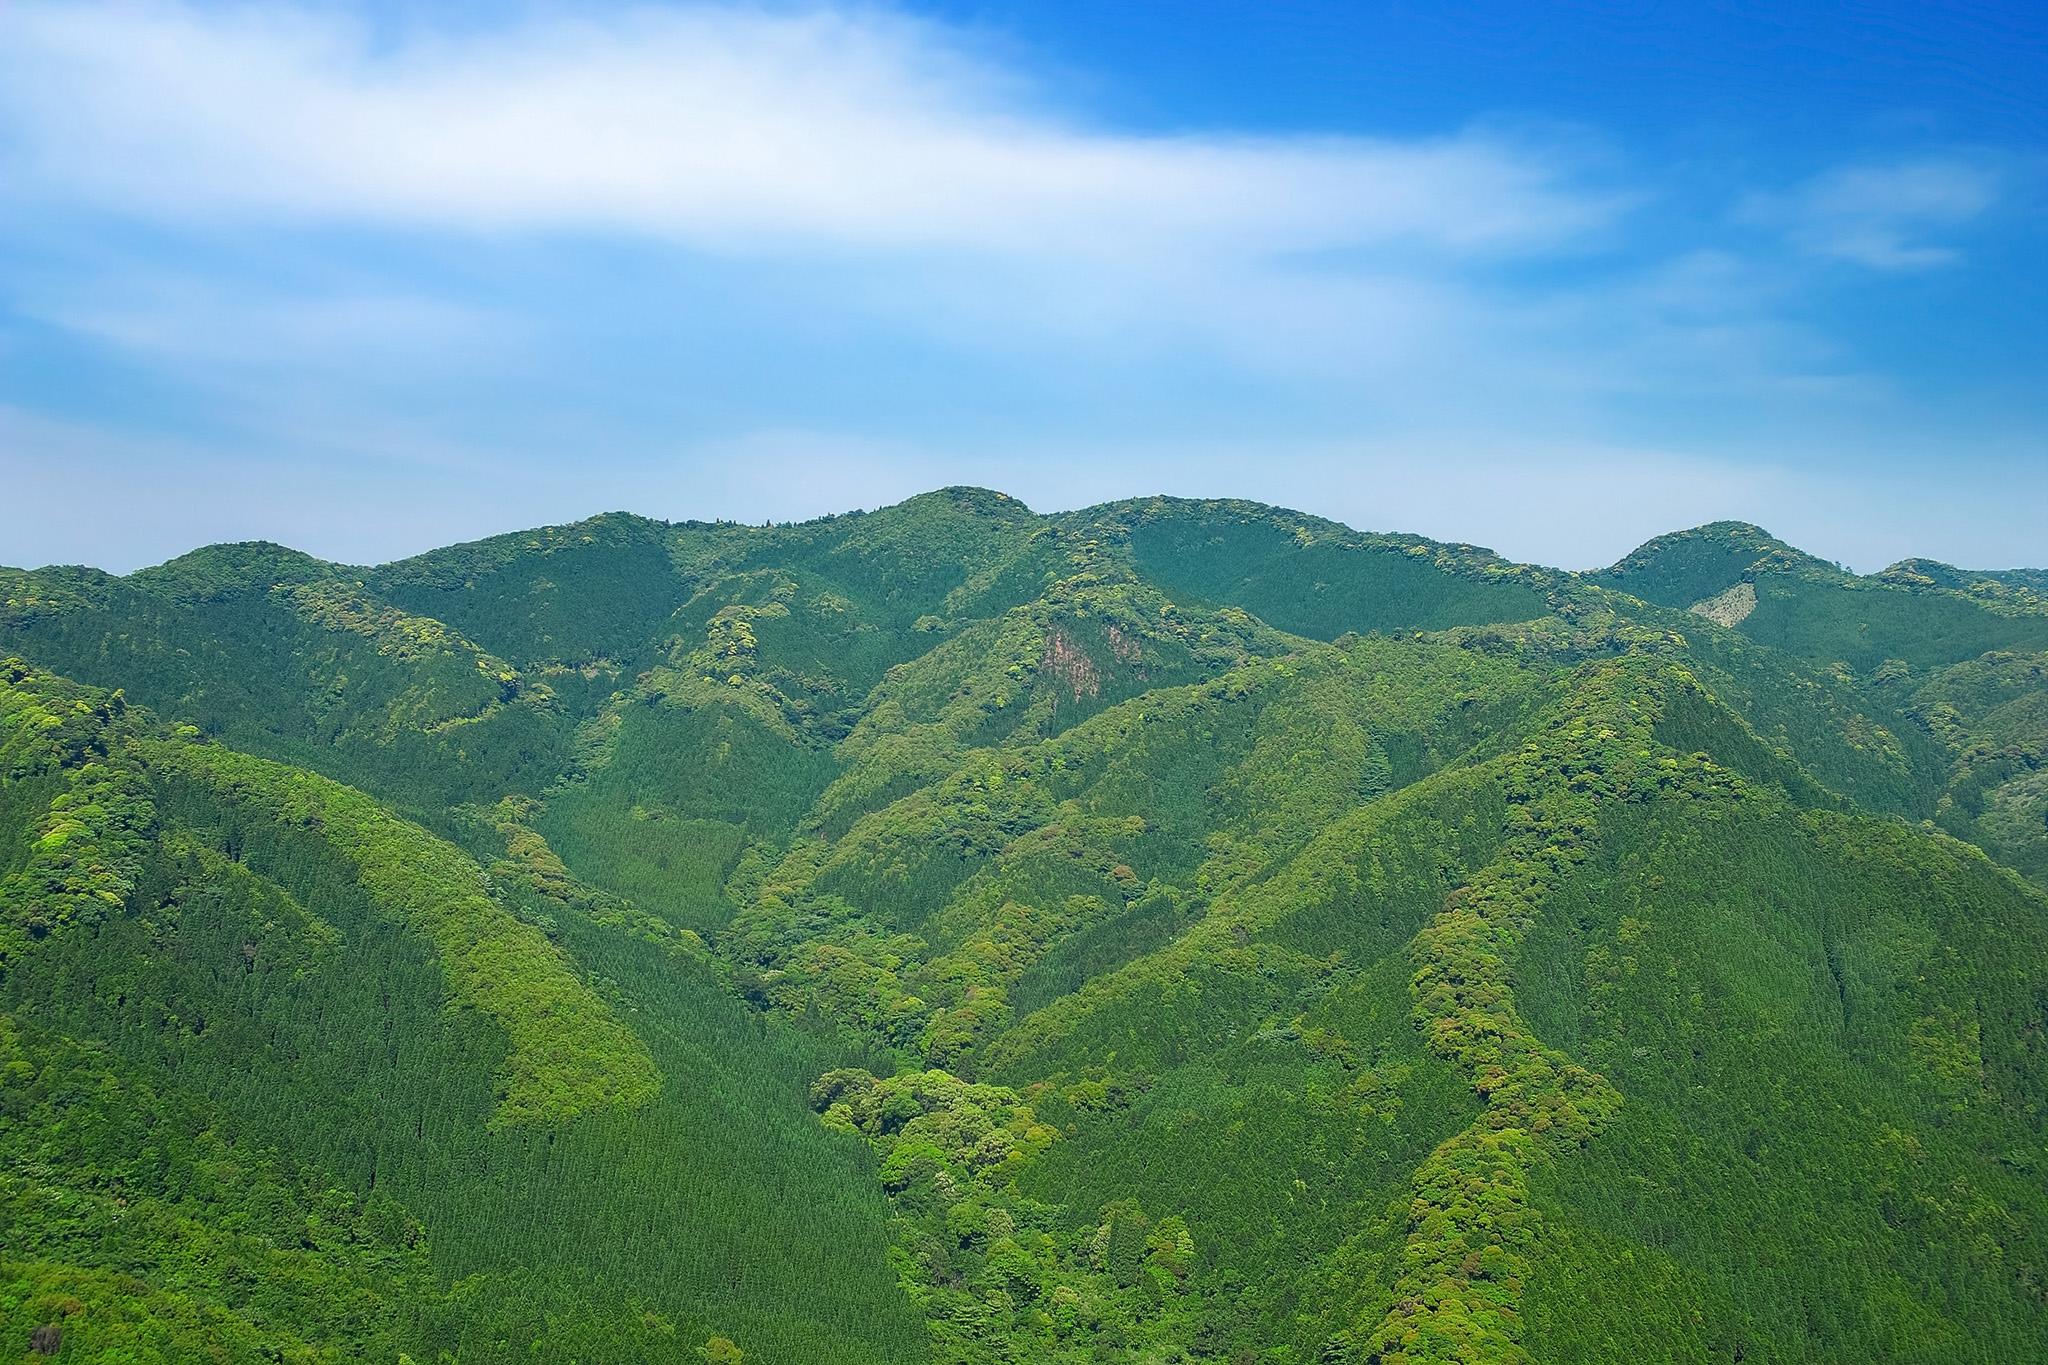 「木々の命みなぎる若草色の山」の画像を無料ダウンロード